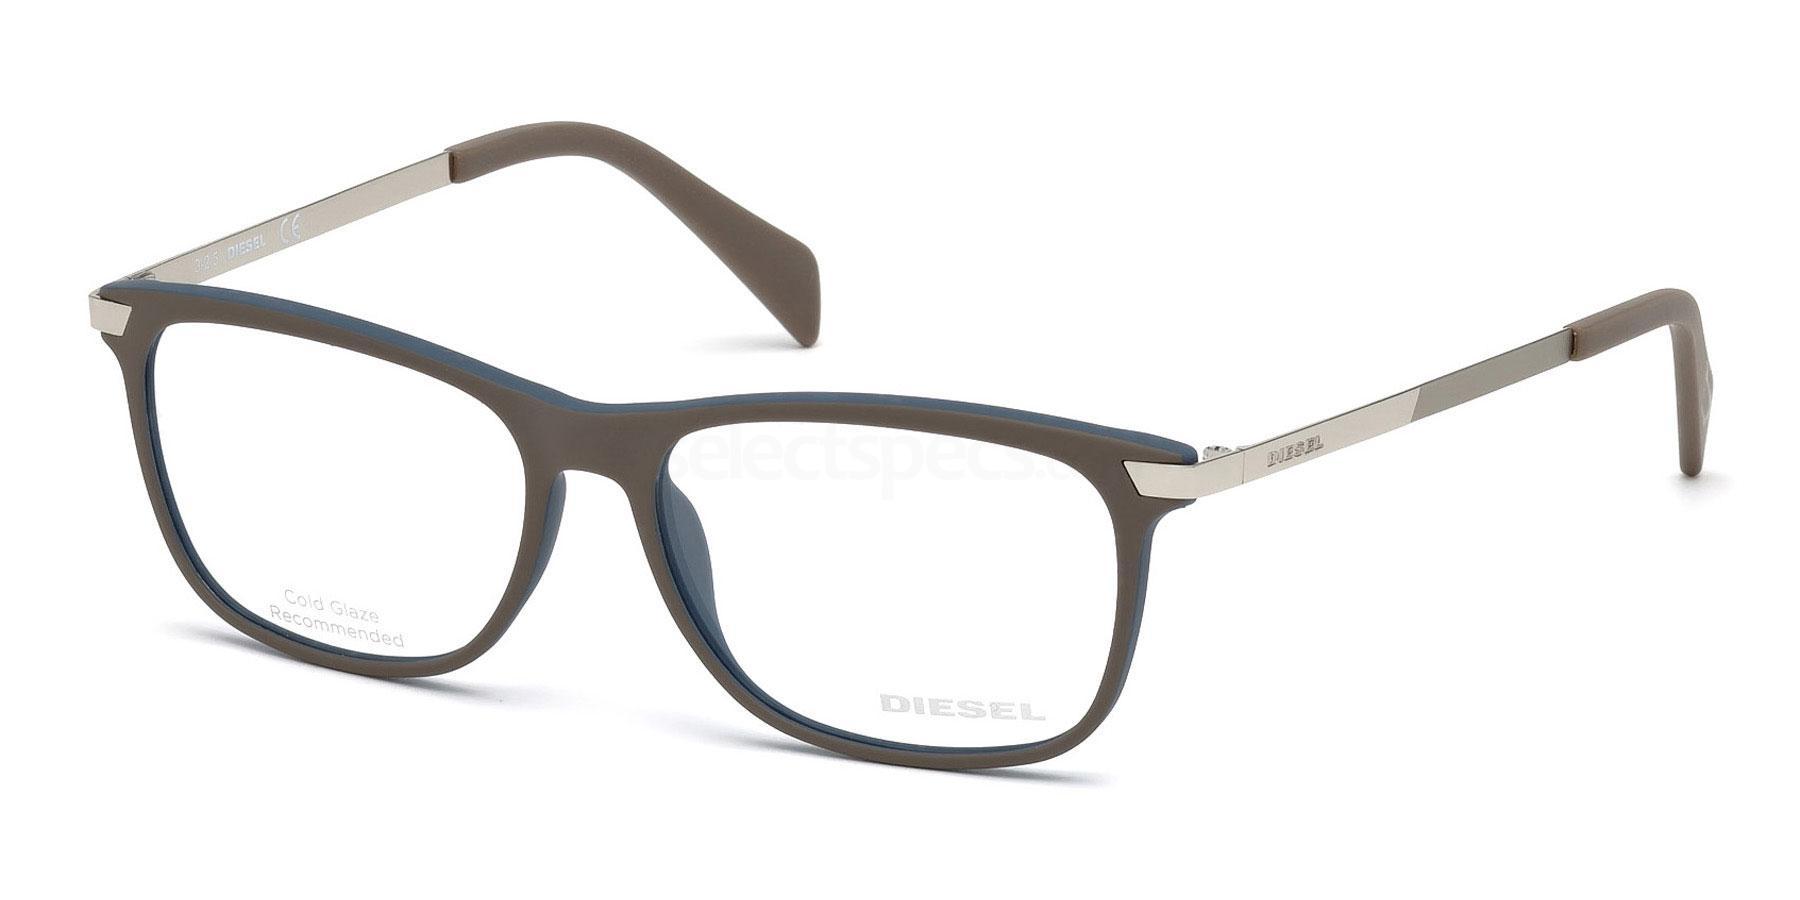 046 DL5218 Glasses, Diesel